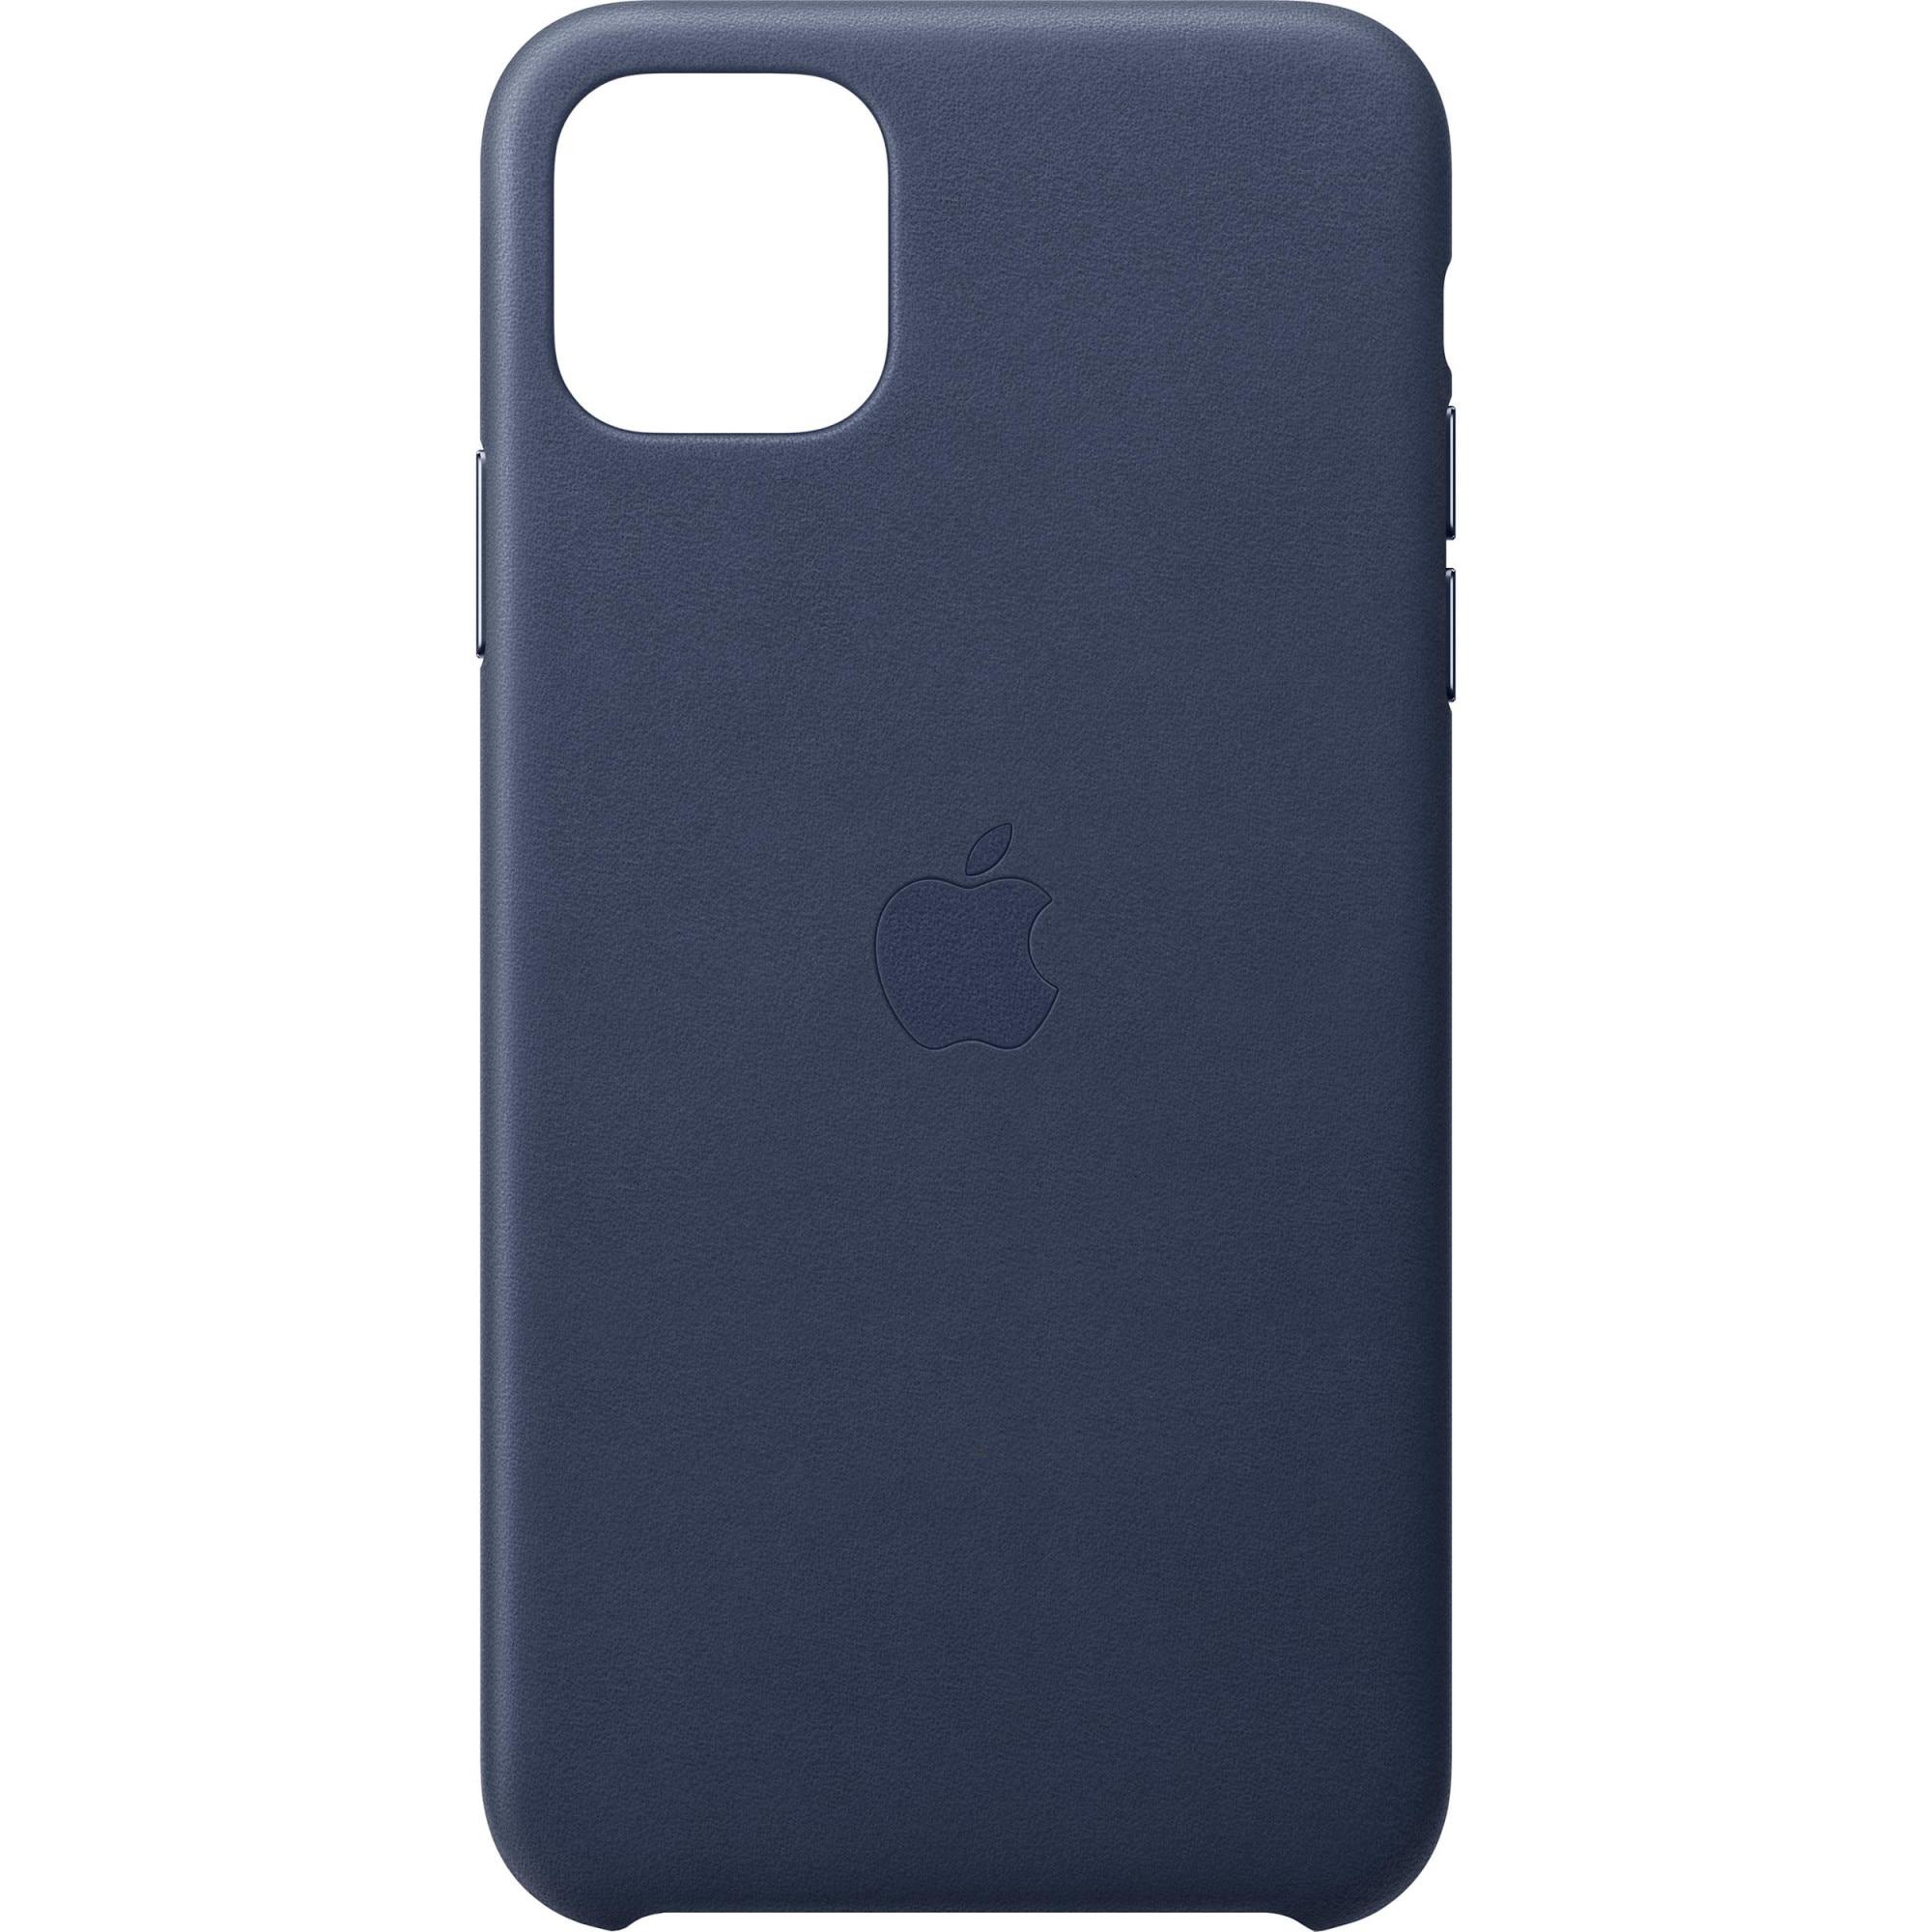 Fotografie Husa de protectie Apple pentru iPhone 11 Pro Max, Piele, Midnight Blue